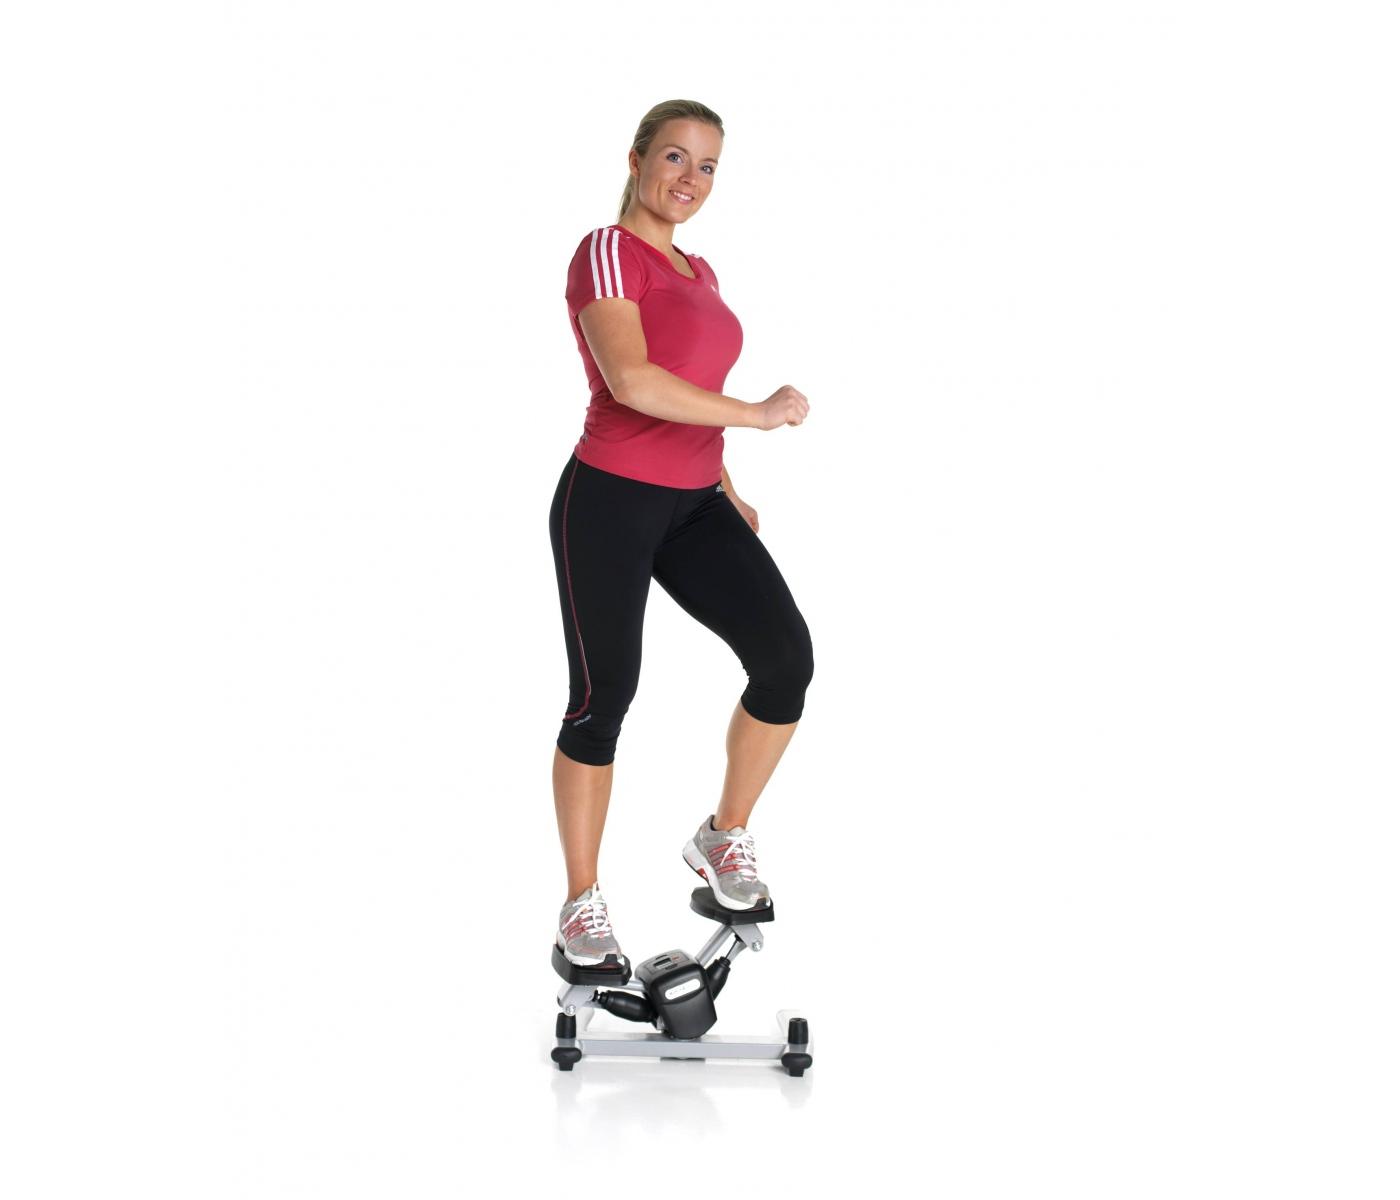 kvinde på stepmaskine